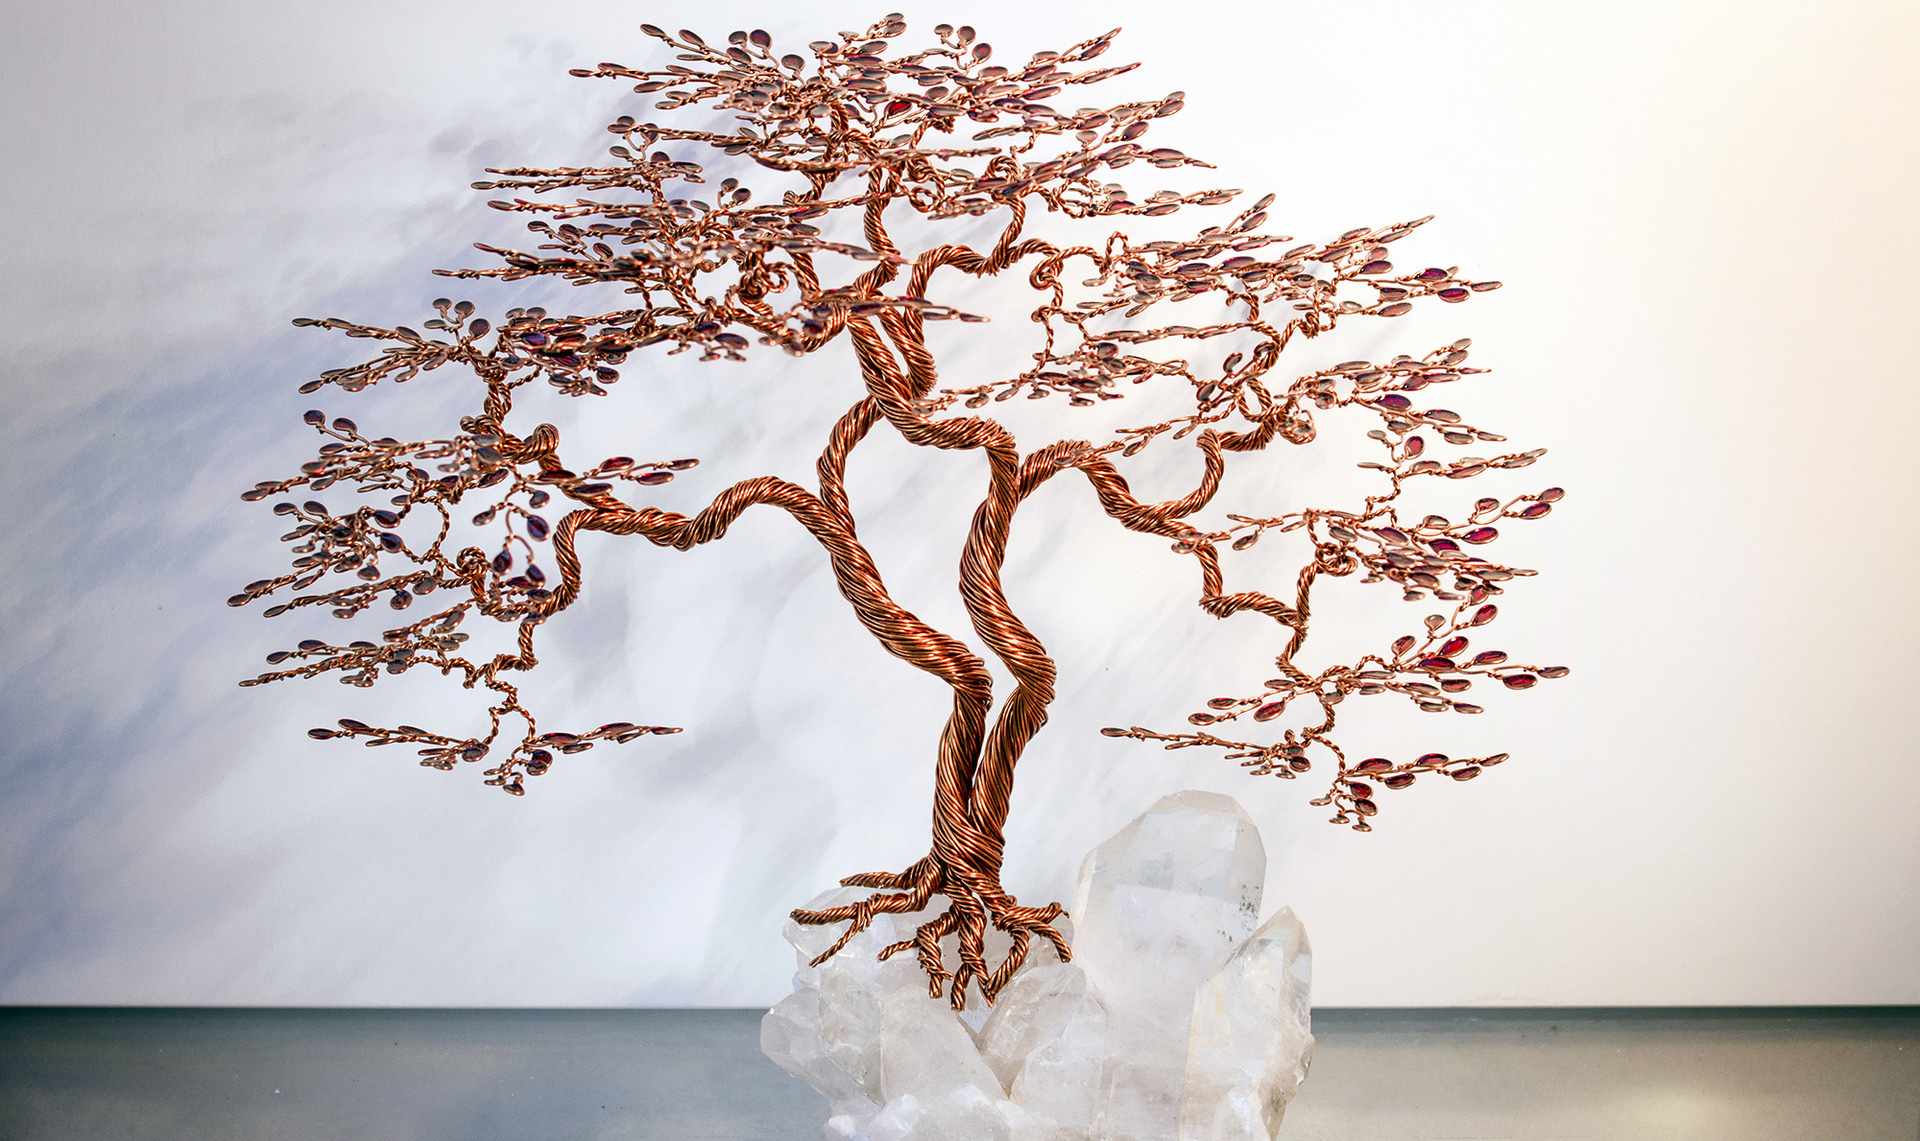 sculptures arbre de vie sculpture cuivre sur p 5400699 c5 cr rg 374a0 big mes voyages en inde. Black Bedroom Furniture Sets. Home Design Ideas